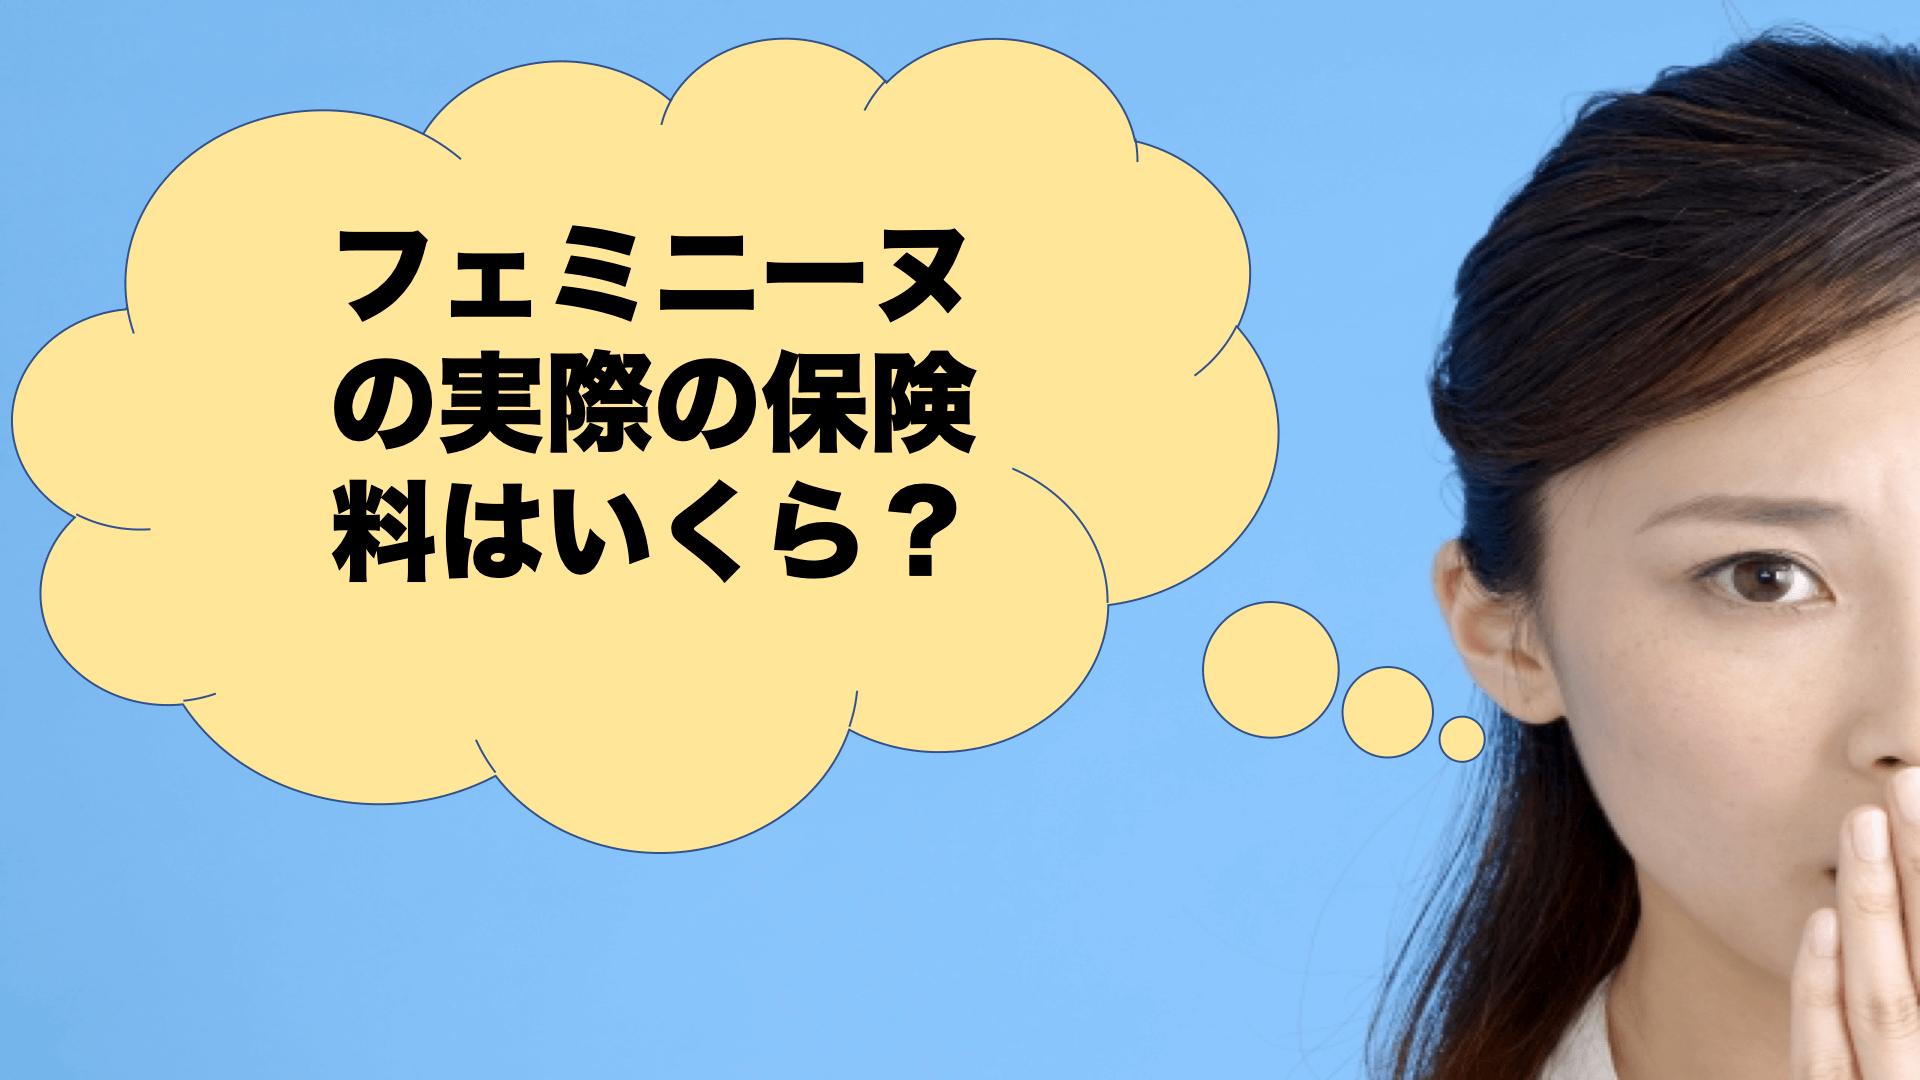 損保ジャパンひまわり生命「フェミニーヌ」年代別の月額保険料!掛け金はいくら?